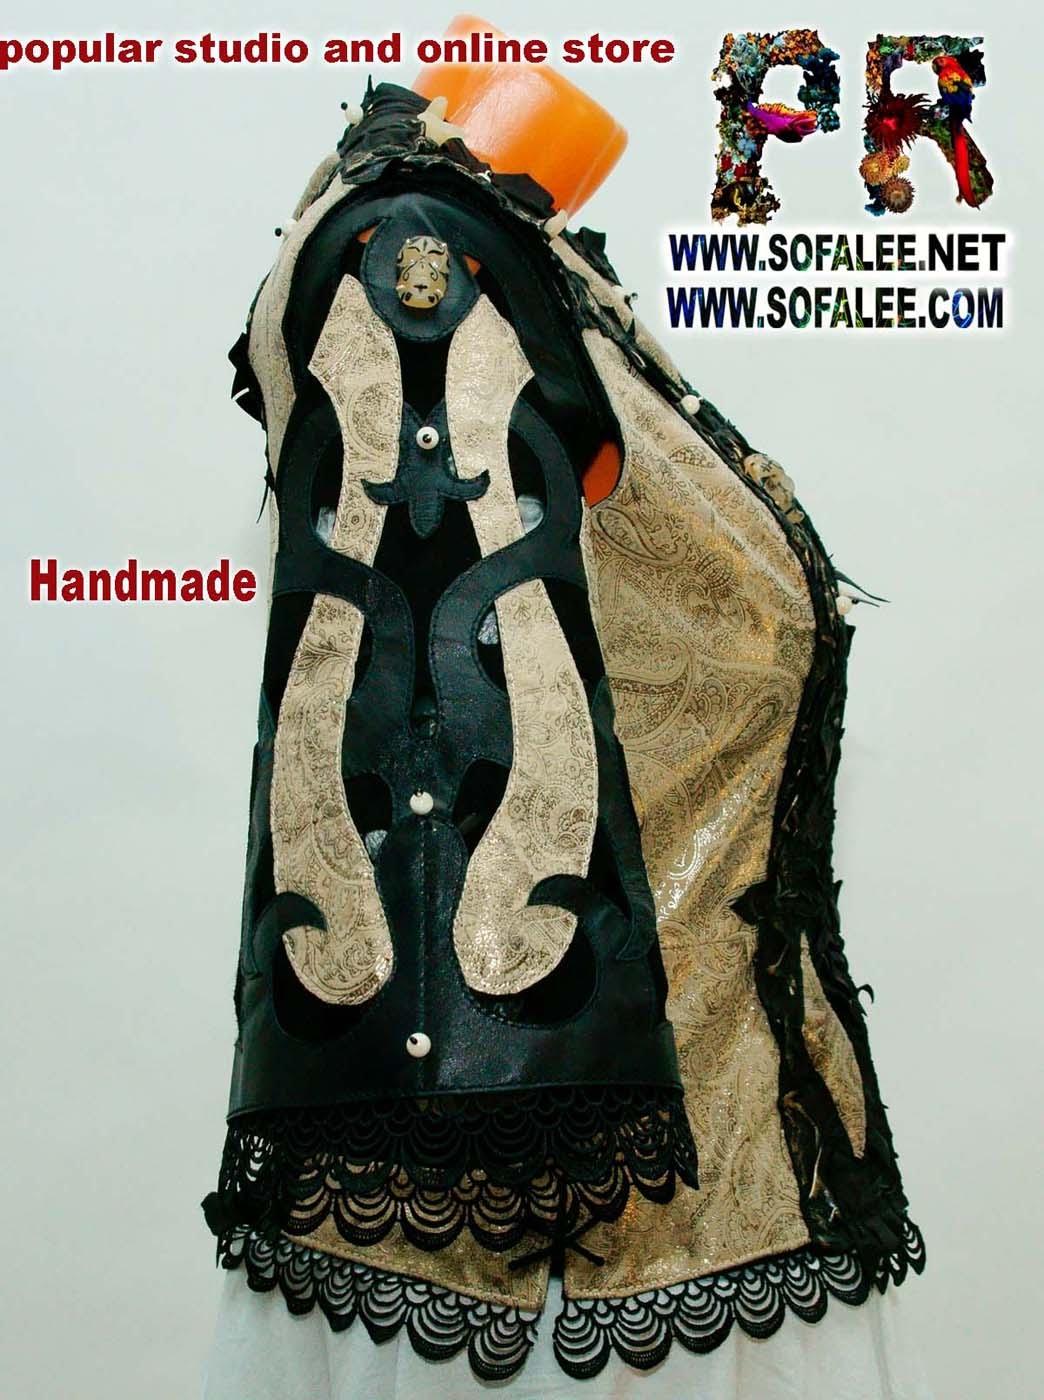 женская куртка жилетка кожаная